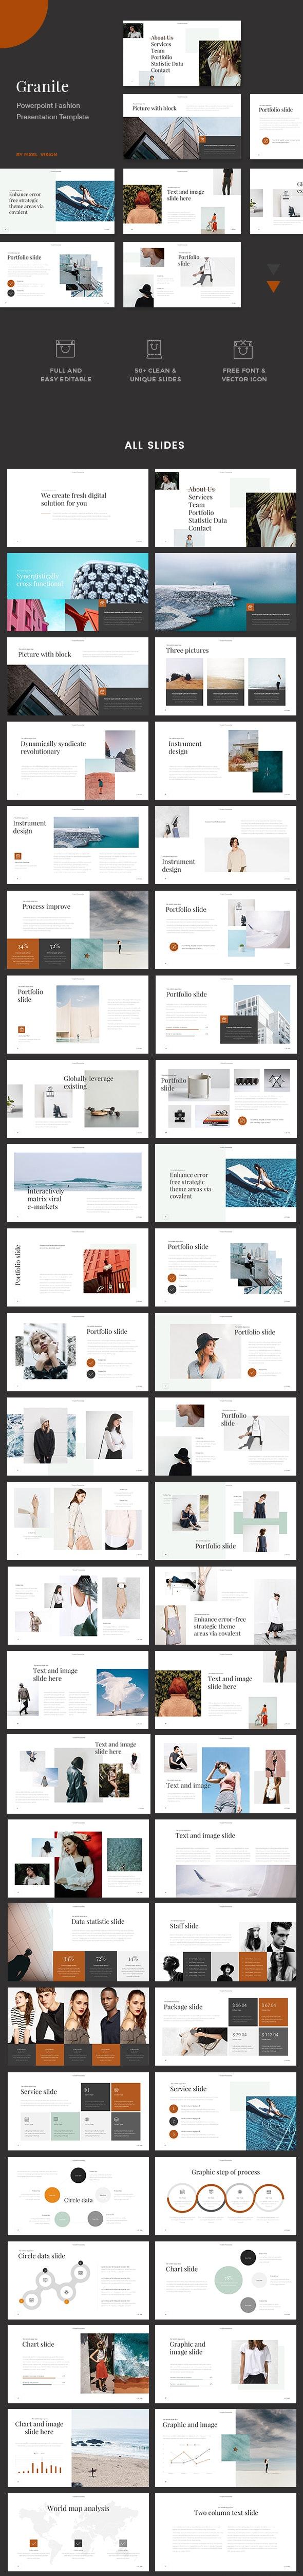 Granite - Powerpoint Presentation - PowerPoint Templates Presentation Templates